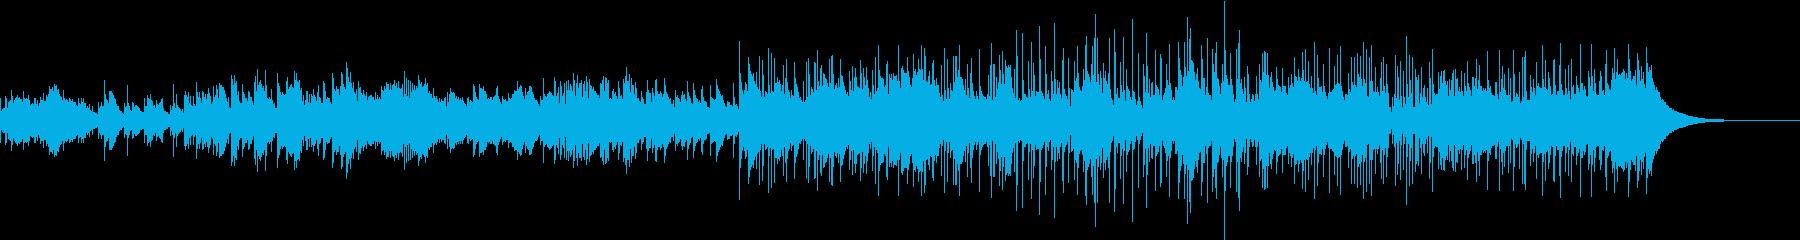 マリンバと打楽器による陽気な踊りの再生済みの波形